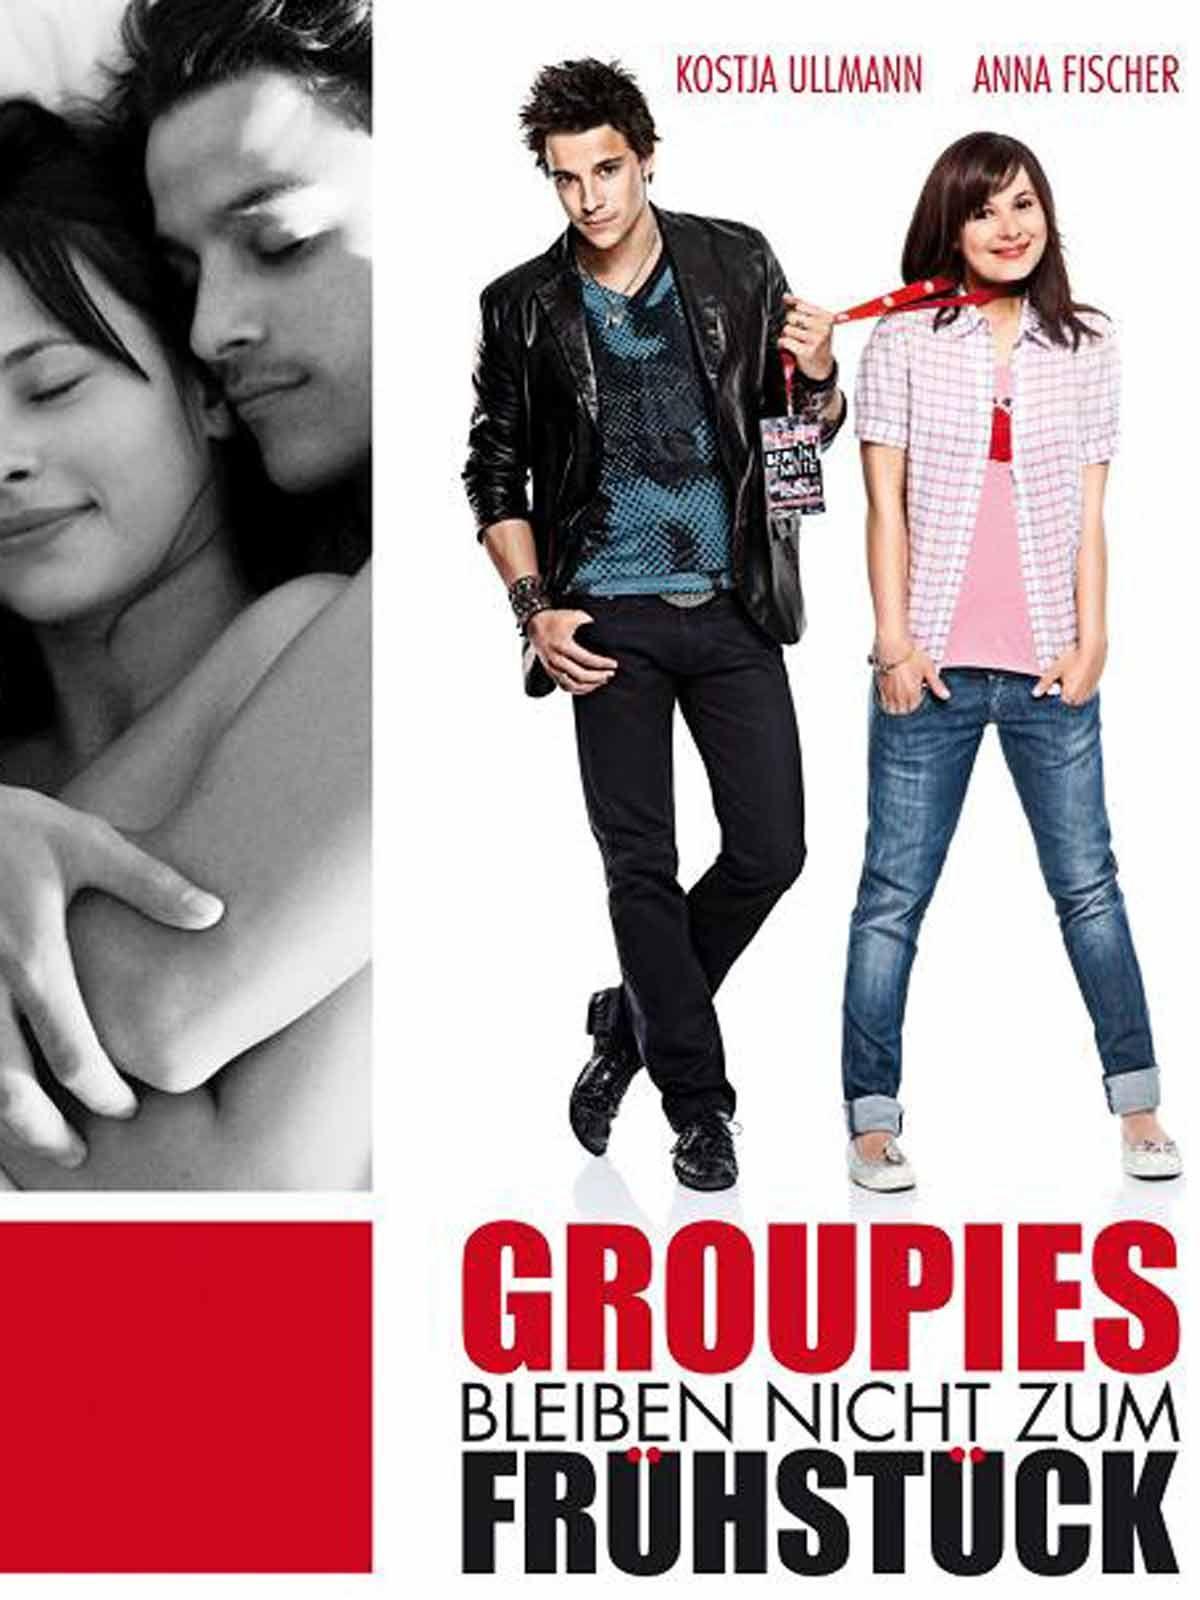 Groupies Movie (Fanaticas) | Filme, Mädchen filme, Liebes